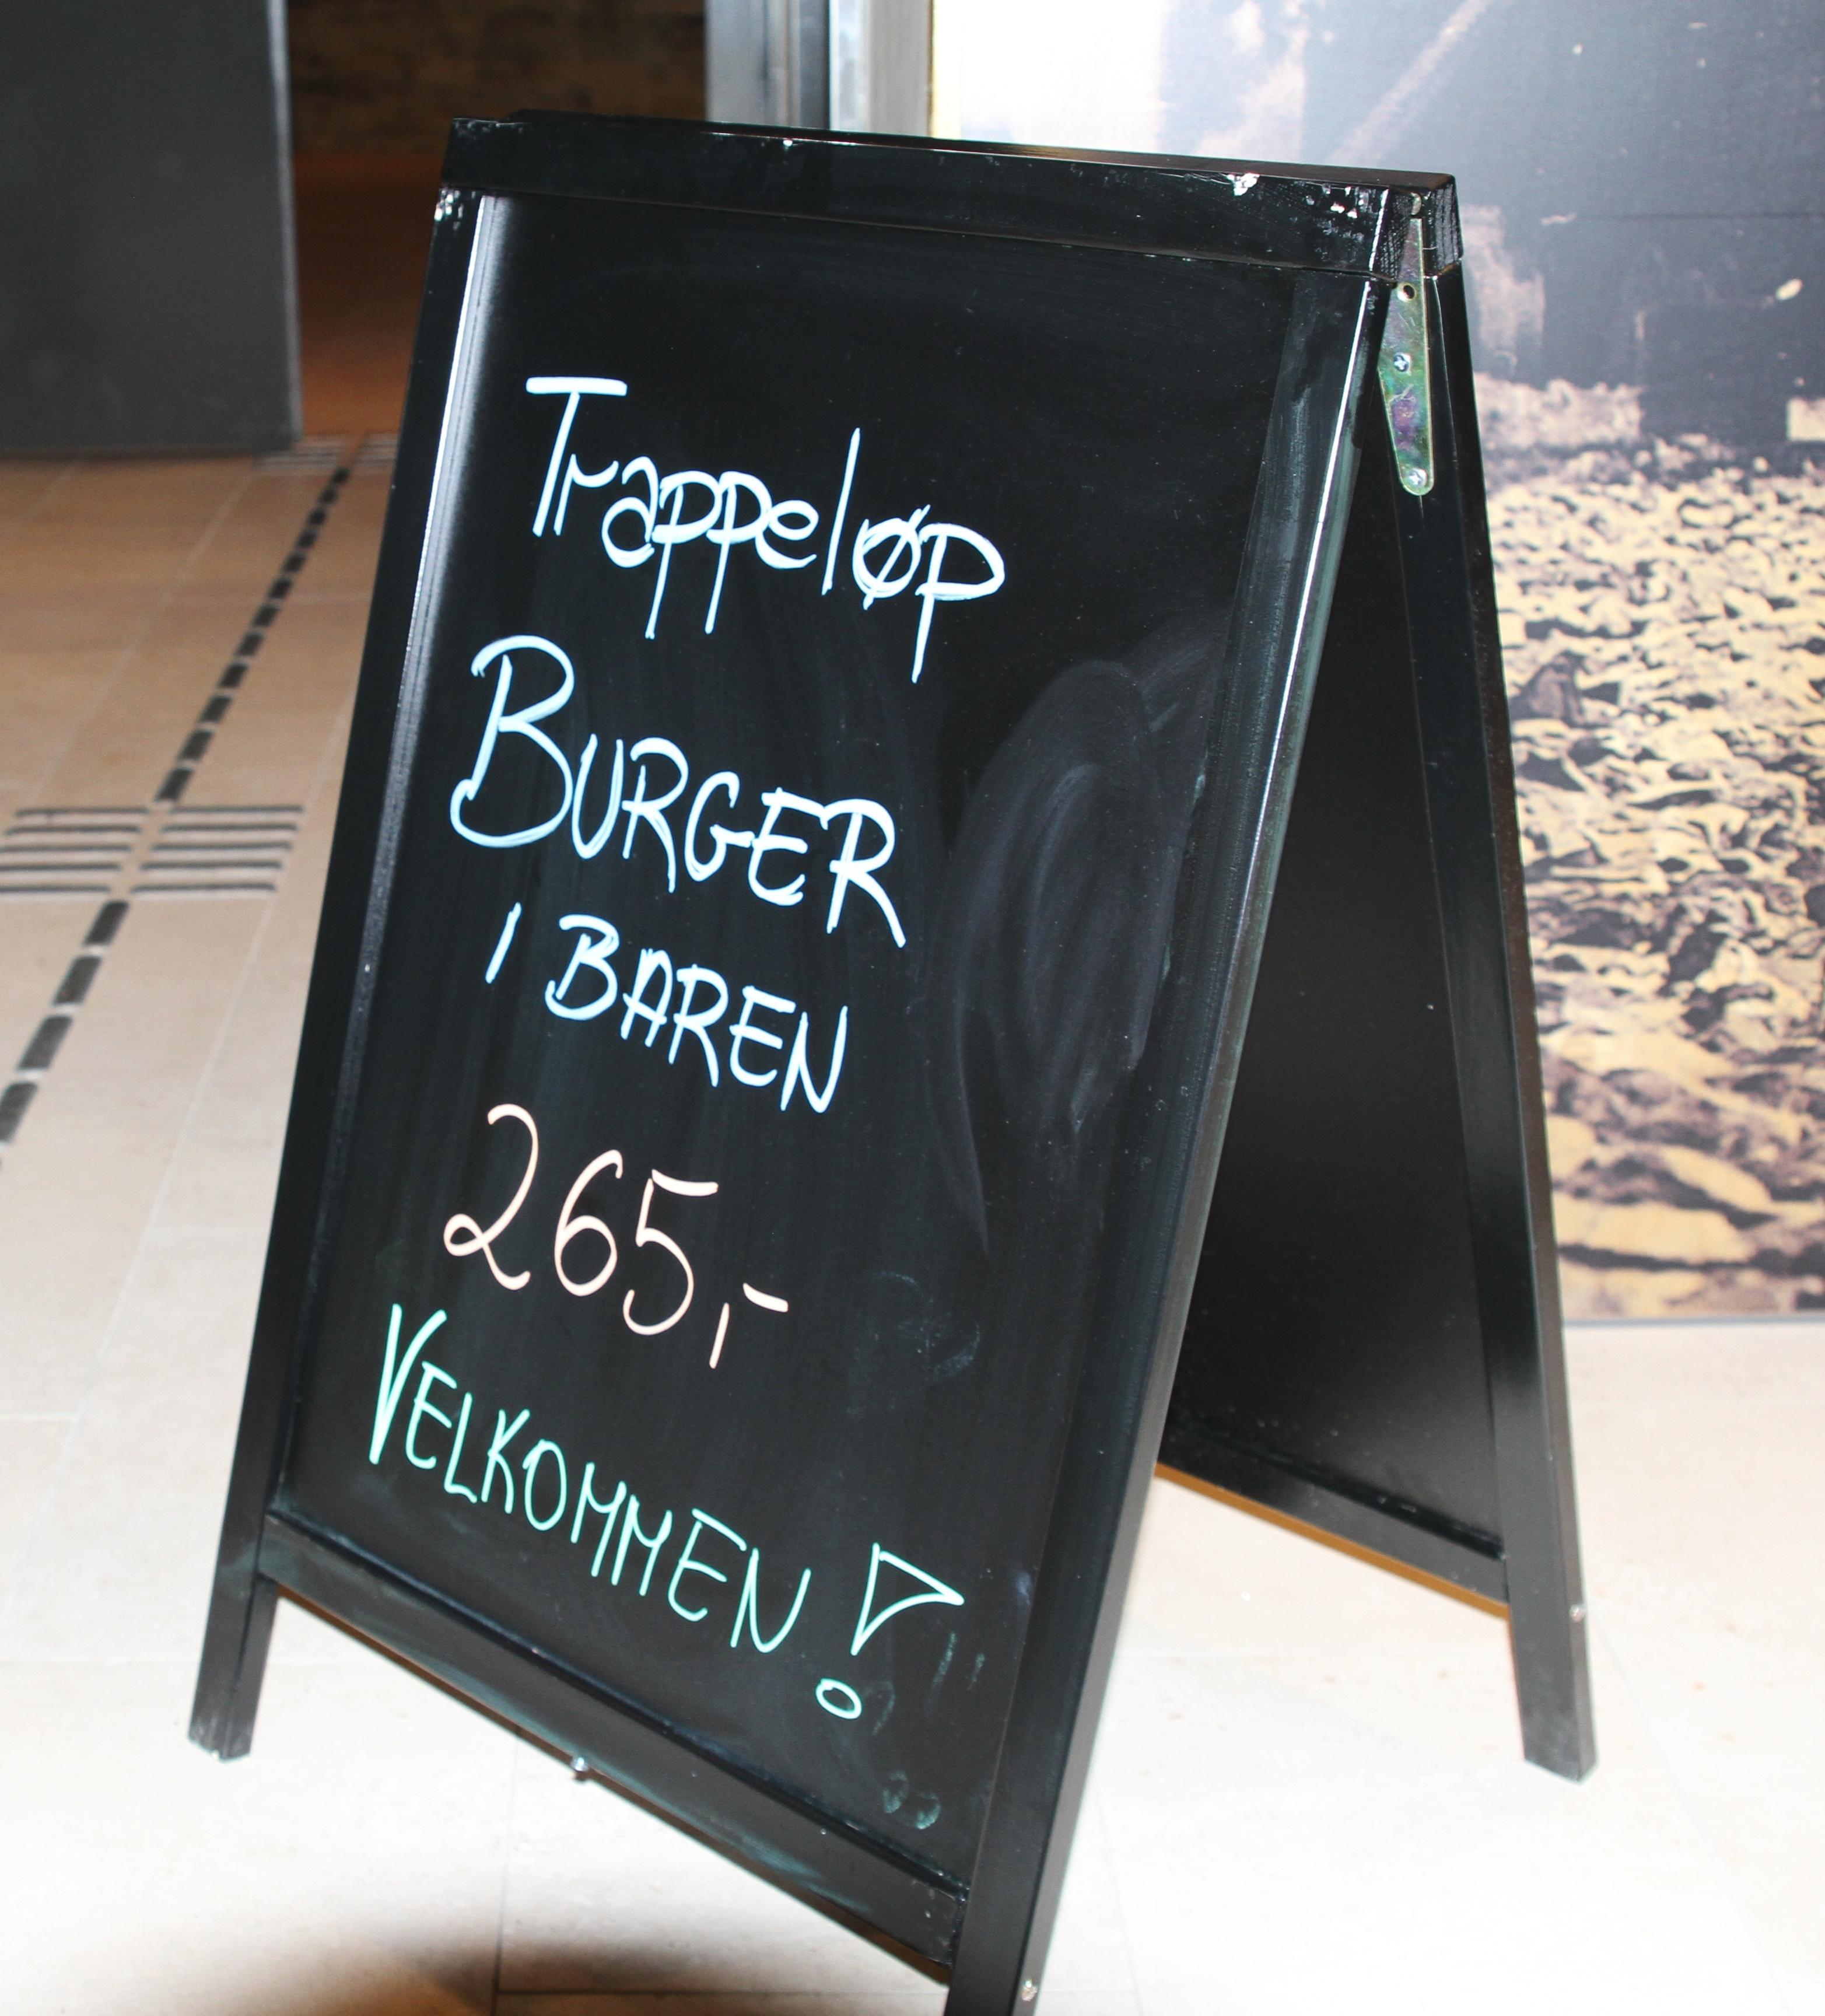 IMG_8906_Trappeløpburger.JPG